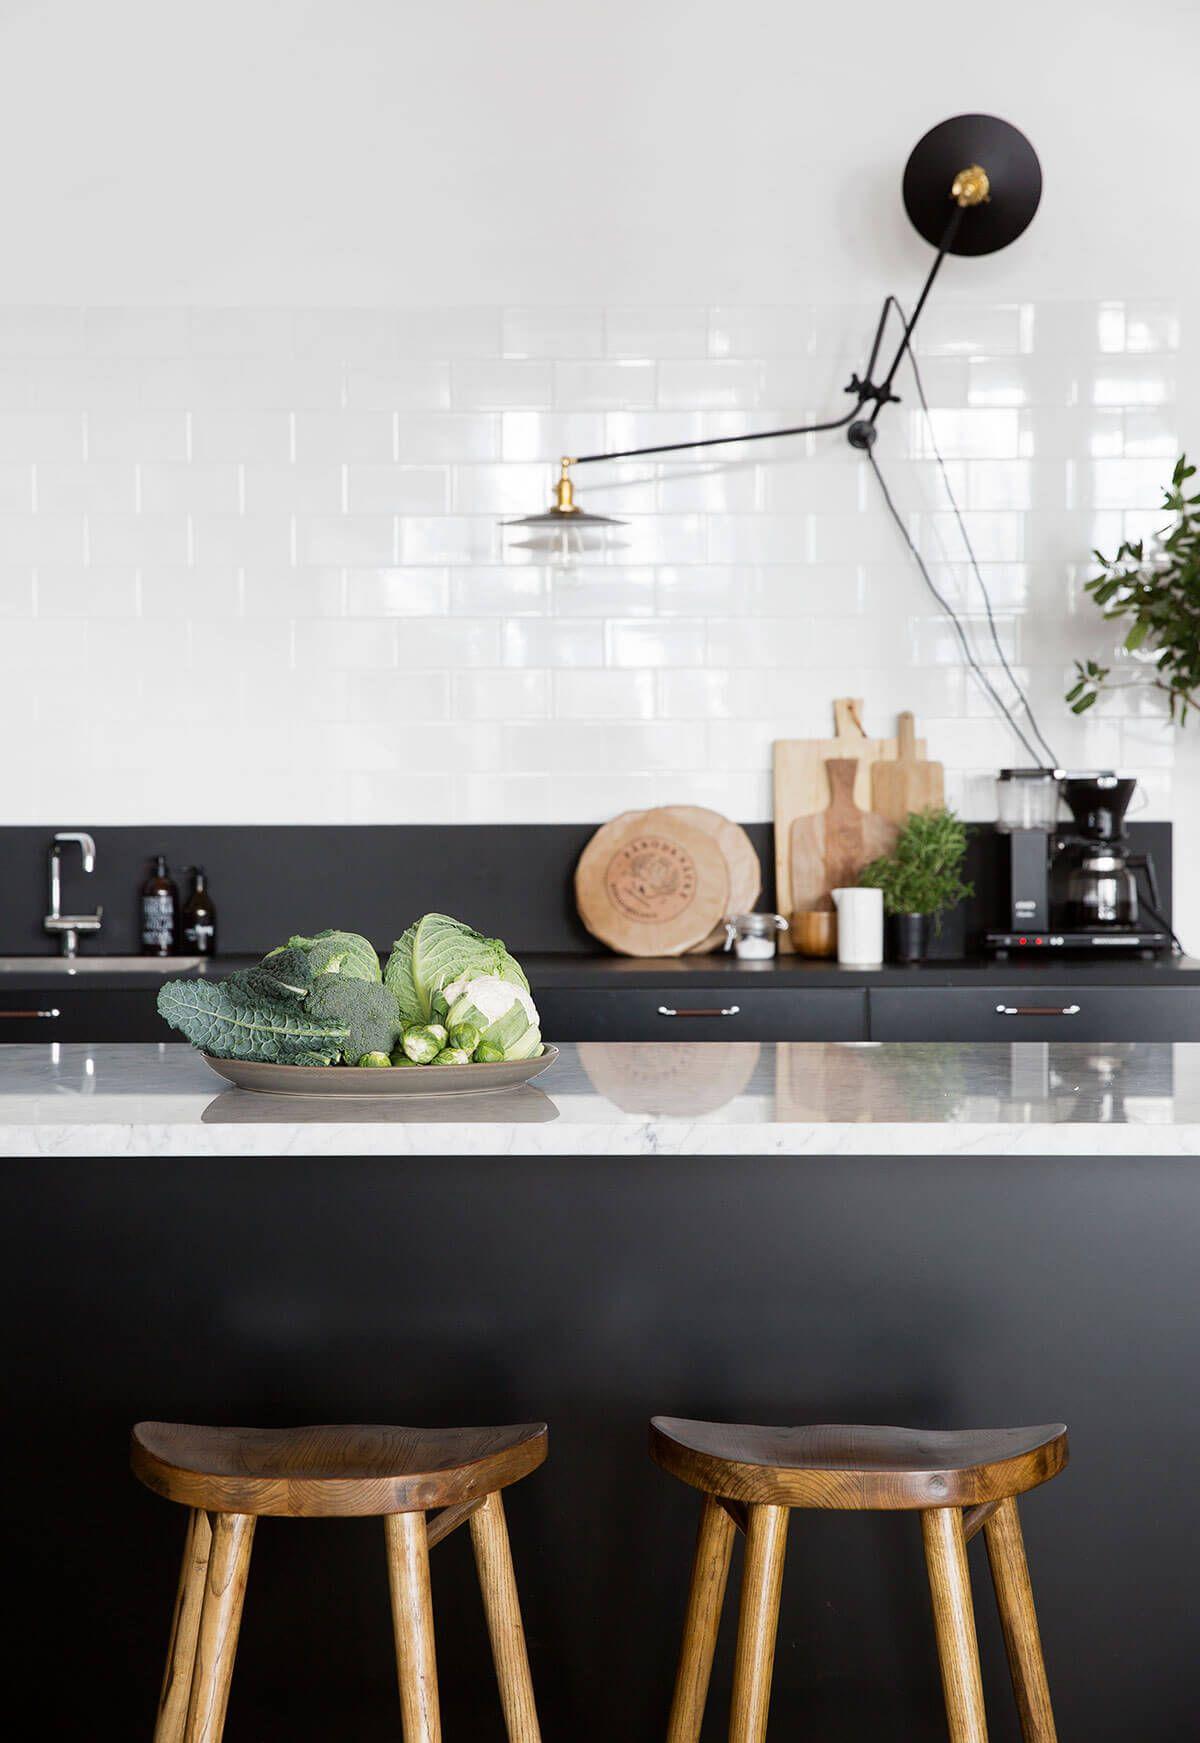 cuisine-scandinave-nordique-look-noir-blanc-FrenchyFancy-17